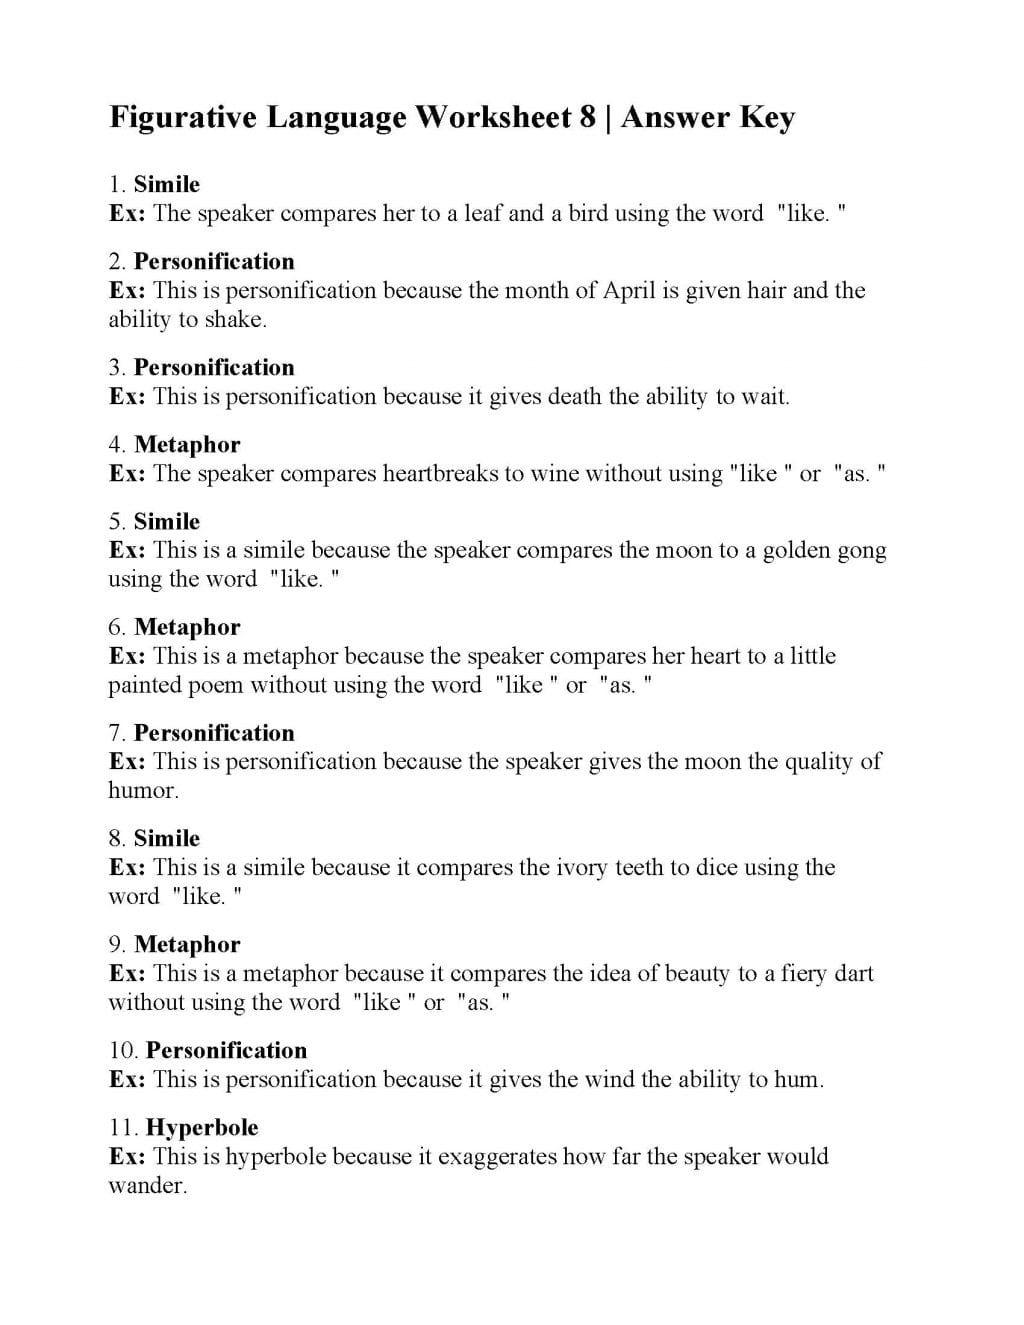 Worksheet Ideas Worksheet Ideas Metaphor Worksheets